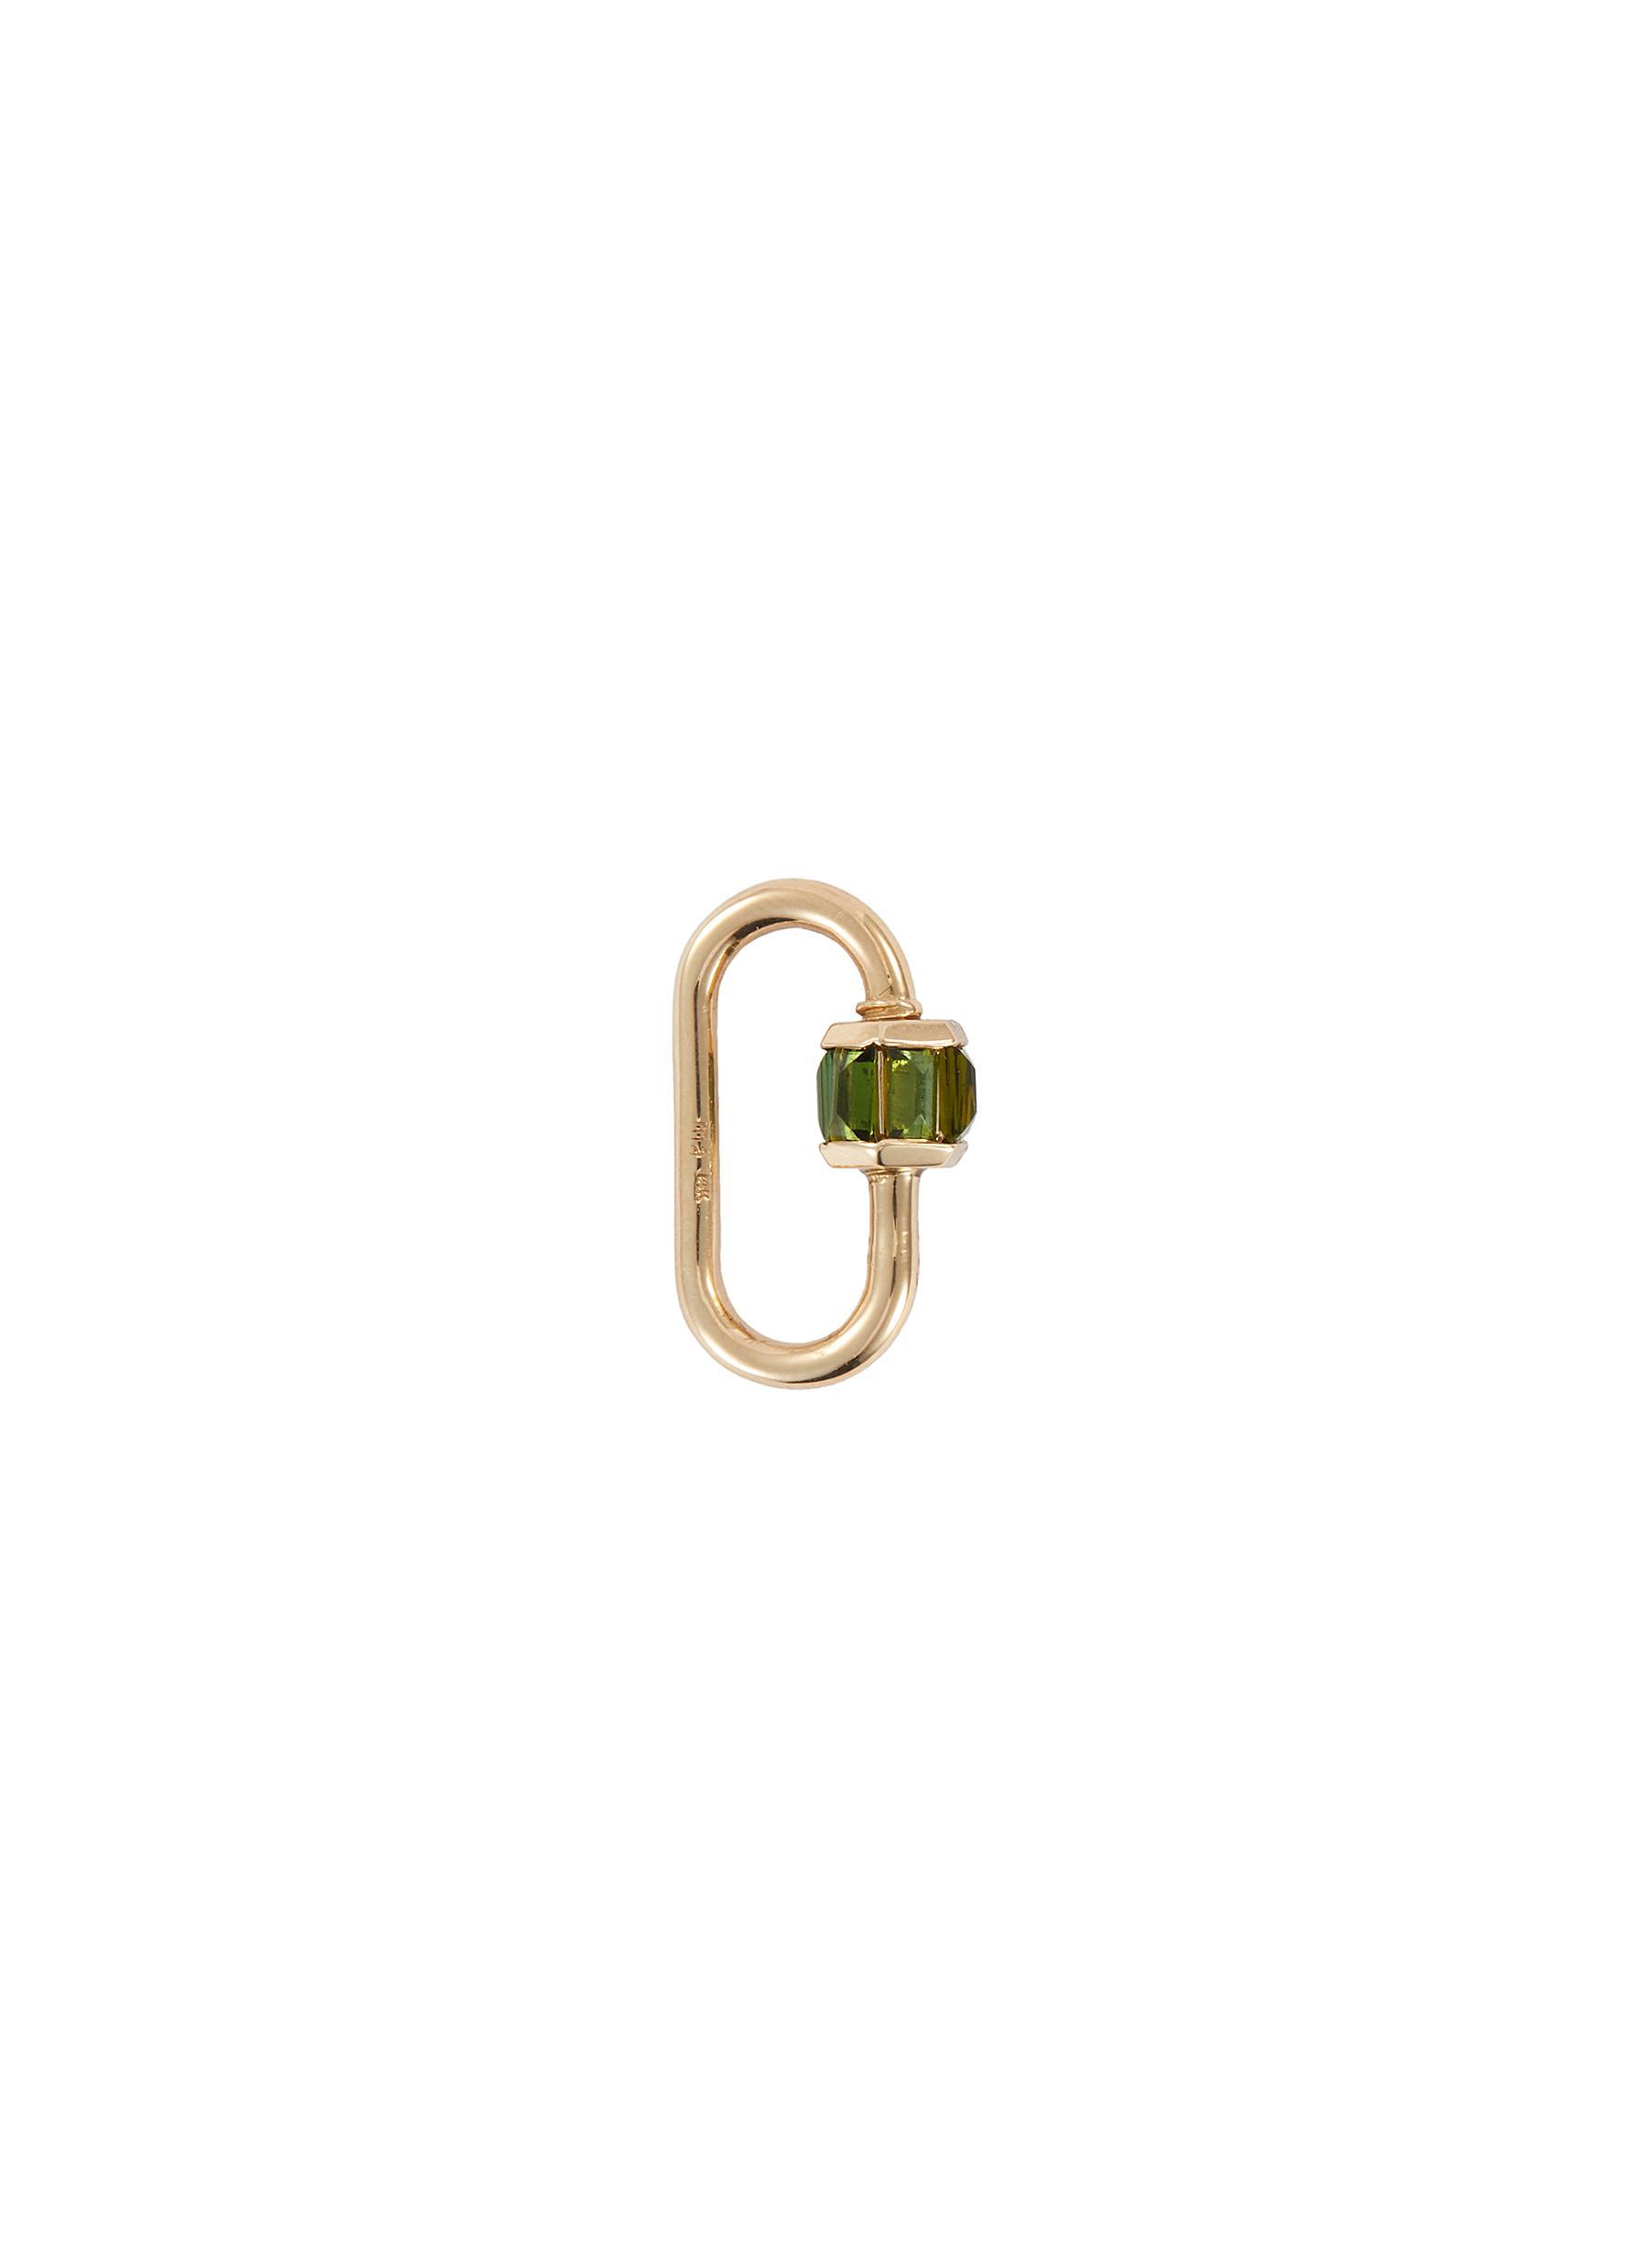 Green tourmaline 14k gold baguette medium lock